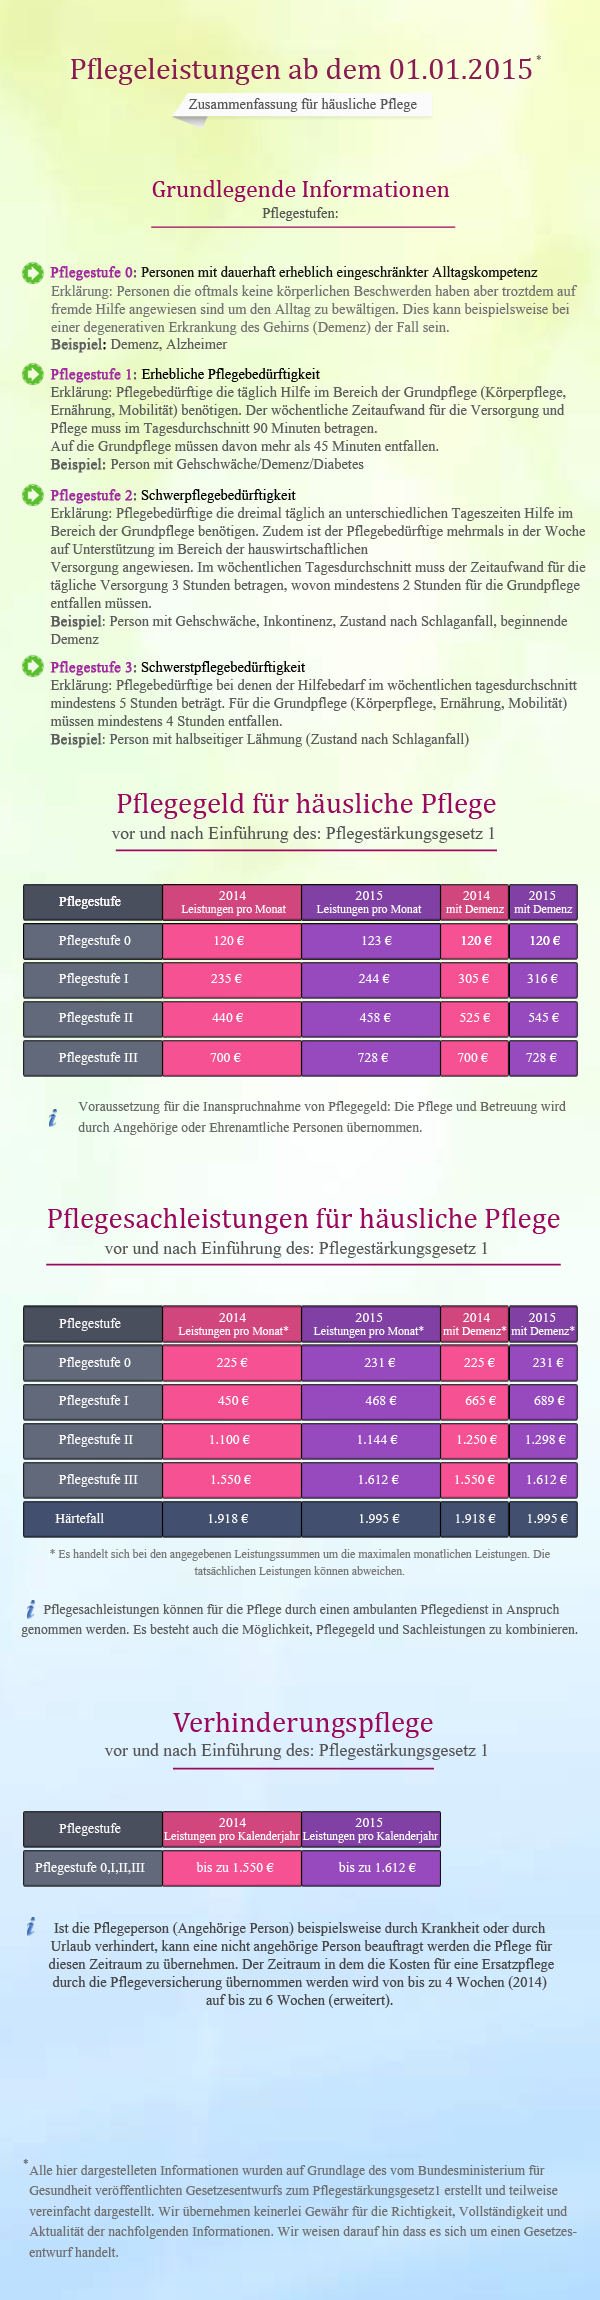 BavariaCarePflegeleistungen_2015